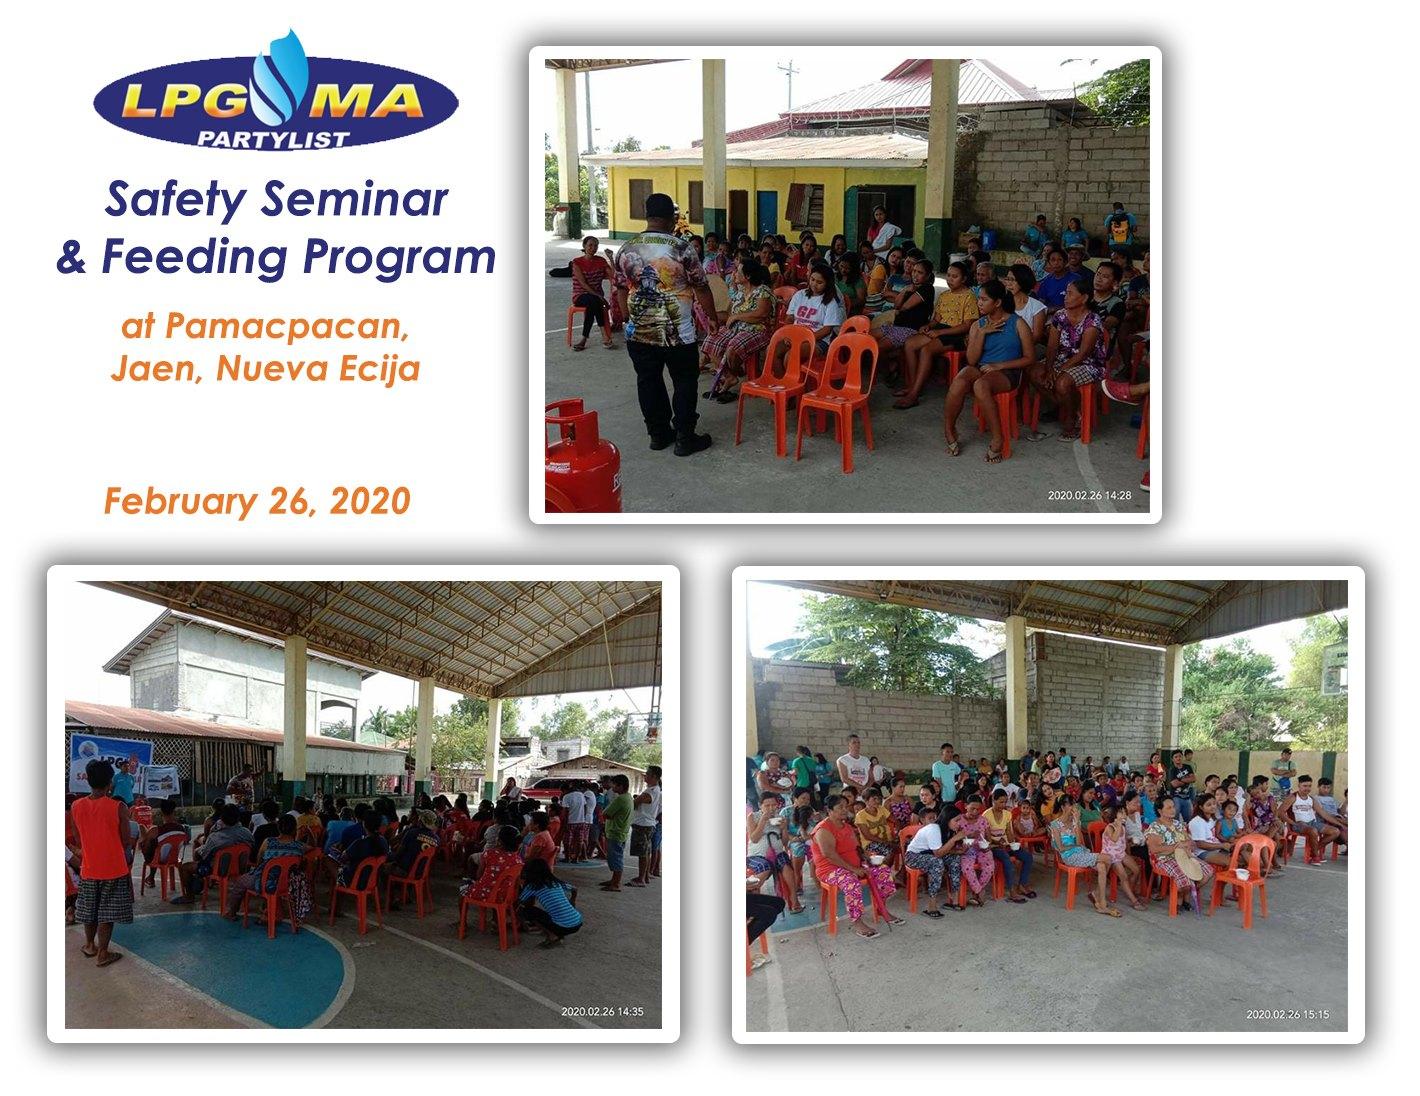 lpgma-safety-seminar-pamacpacan